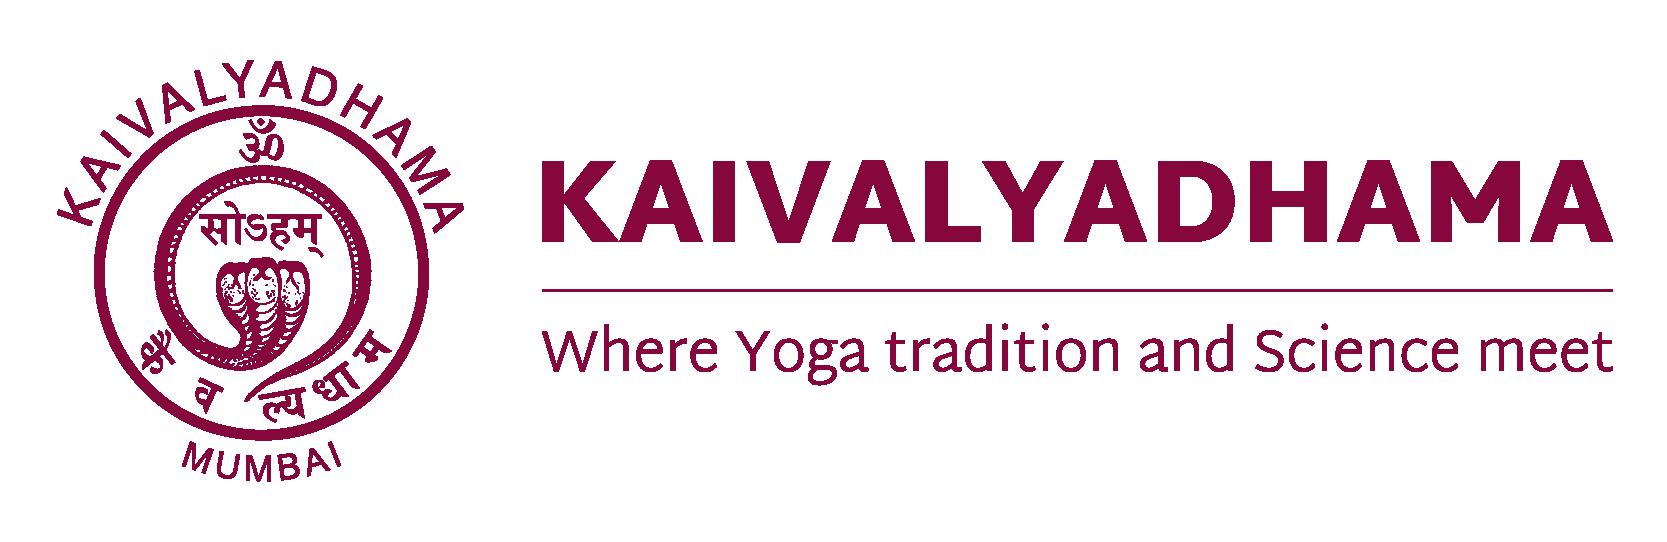 KaivalyaDham Mumbai